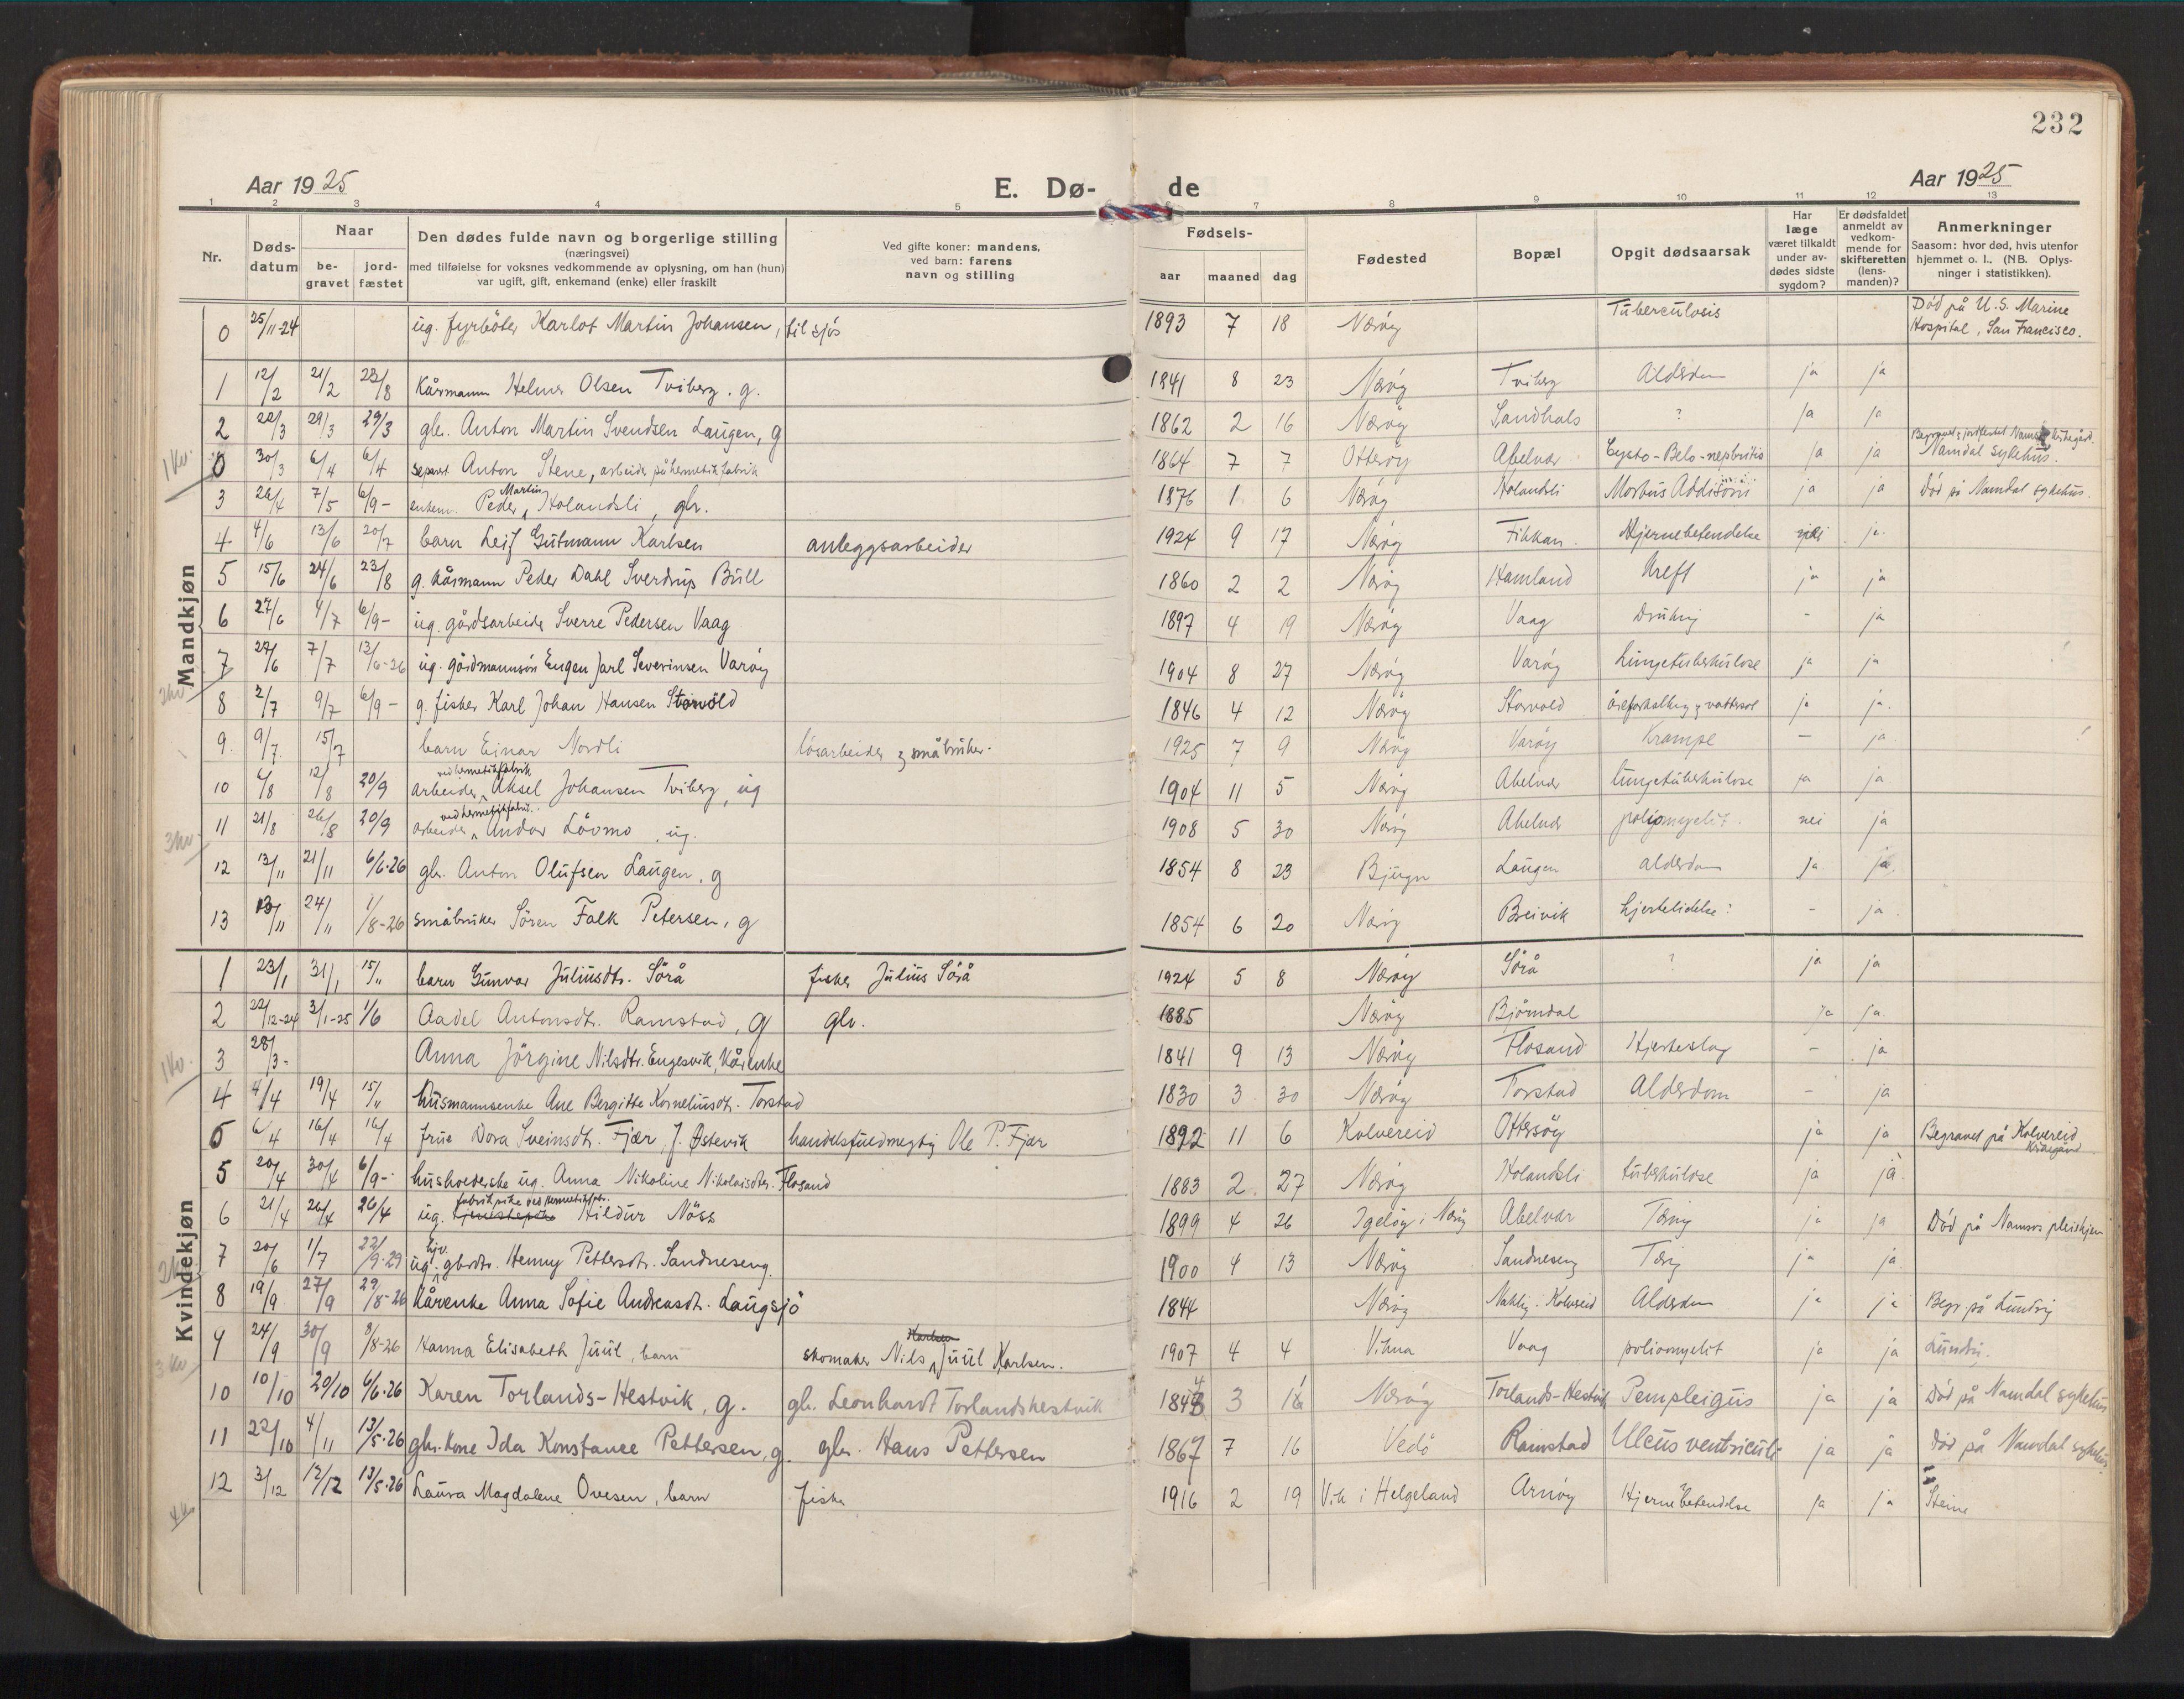 SAT, Ministerialprotokoller, klokkerbøker og fødselsregistre - Nord-Trøndelag, 784/L0678: Ministerialbok nr. 784A13, 1921-1938, s. 232